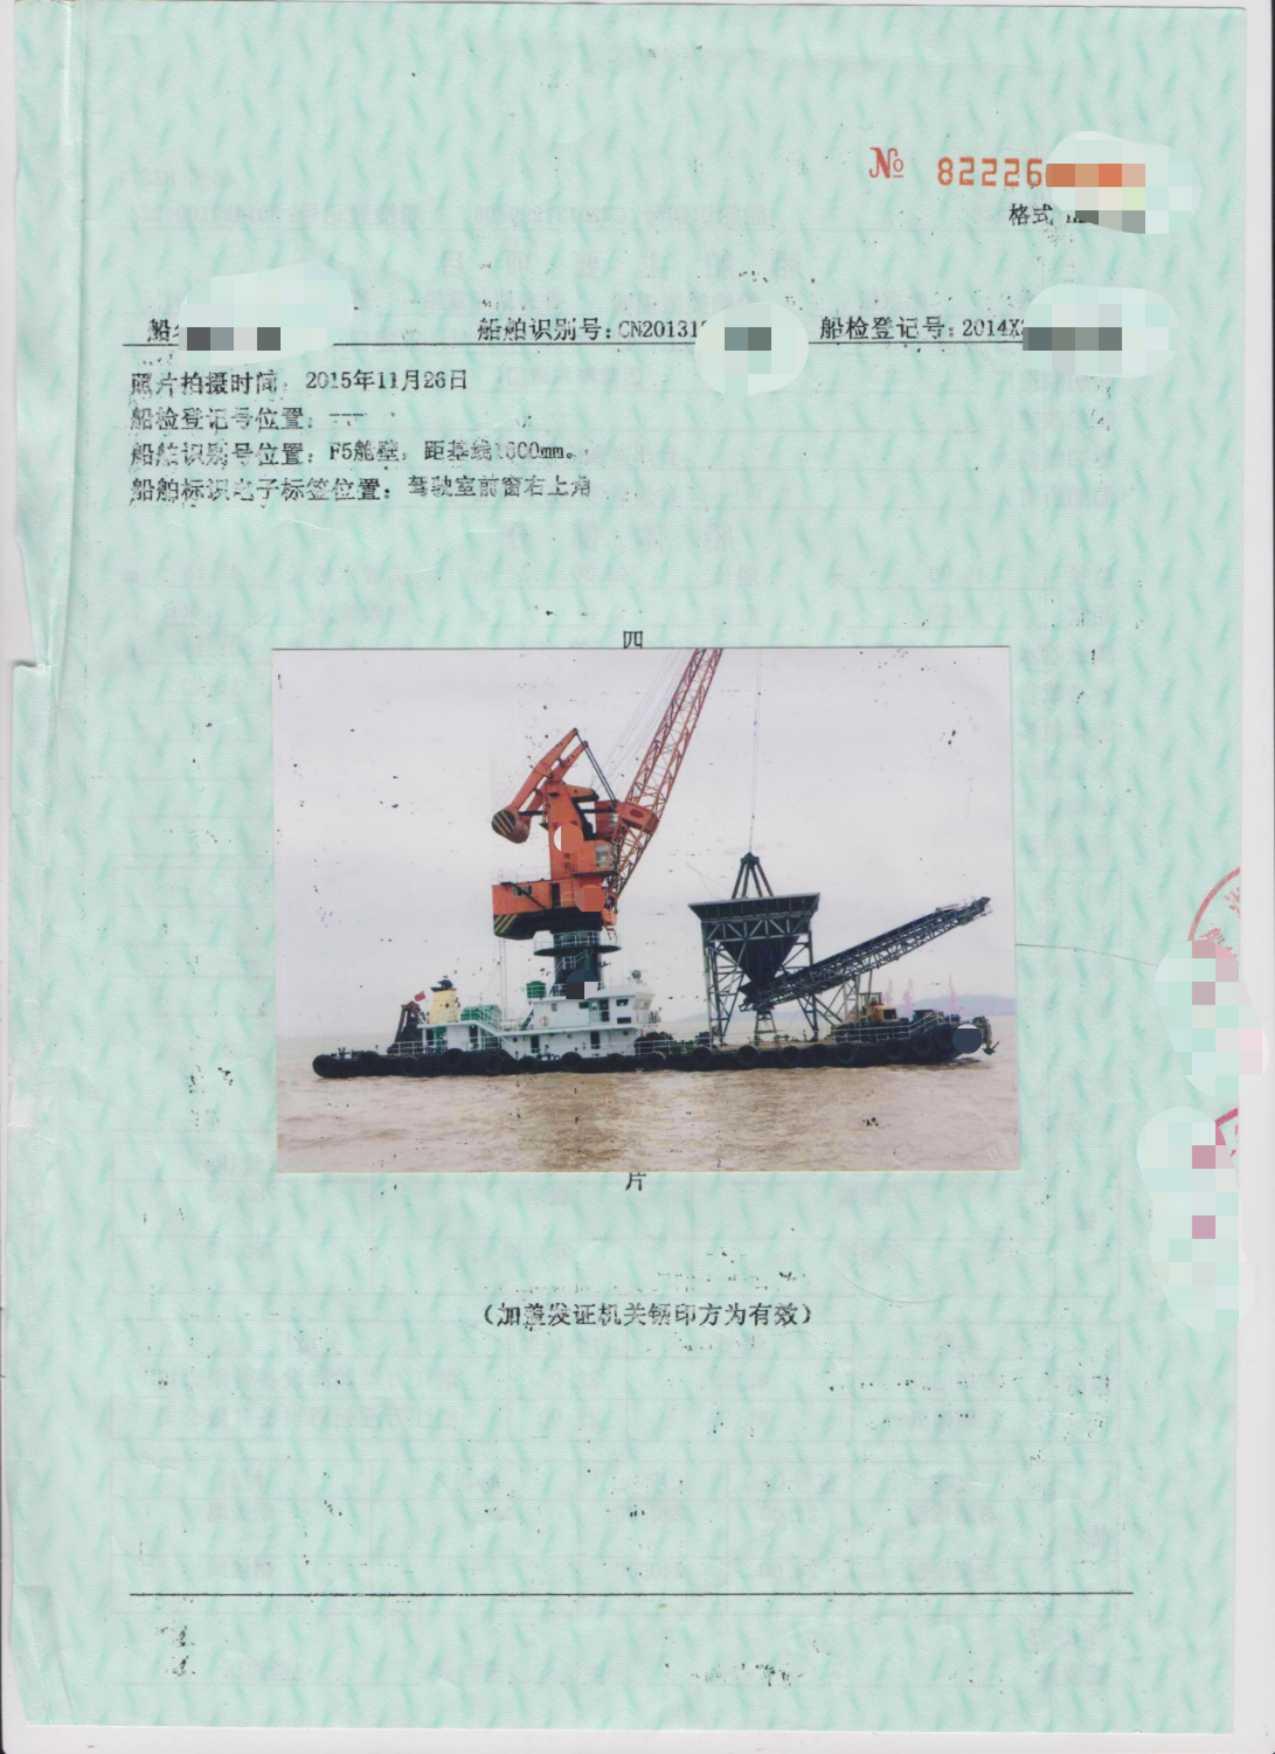 出售15吨吊机船2014年浙江造